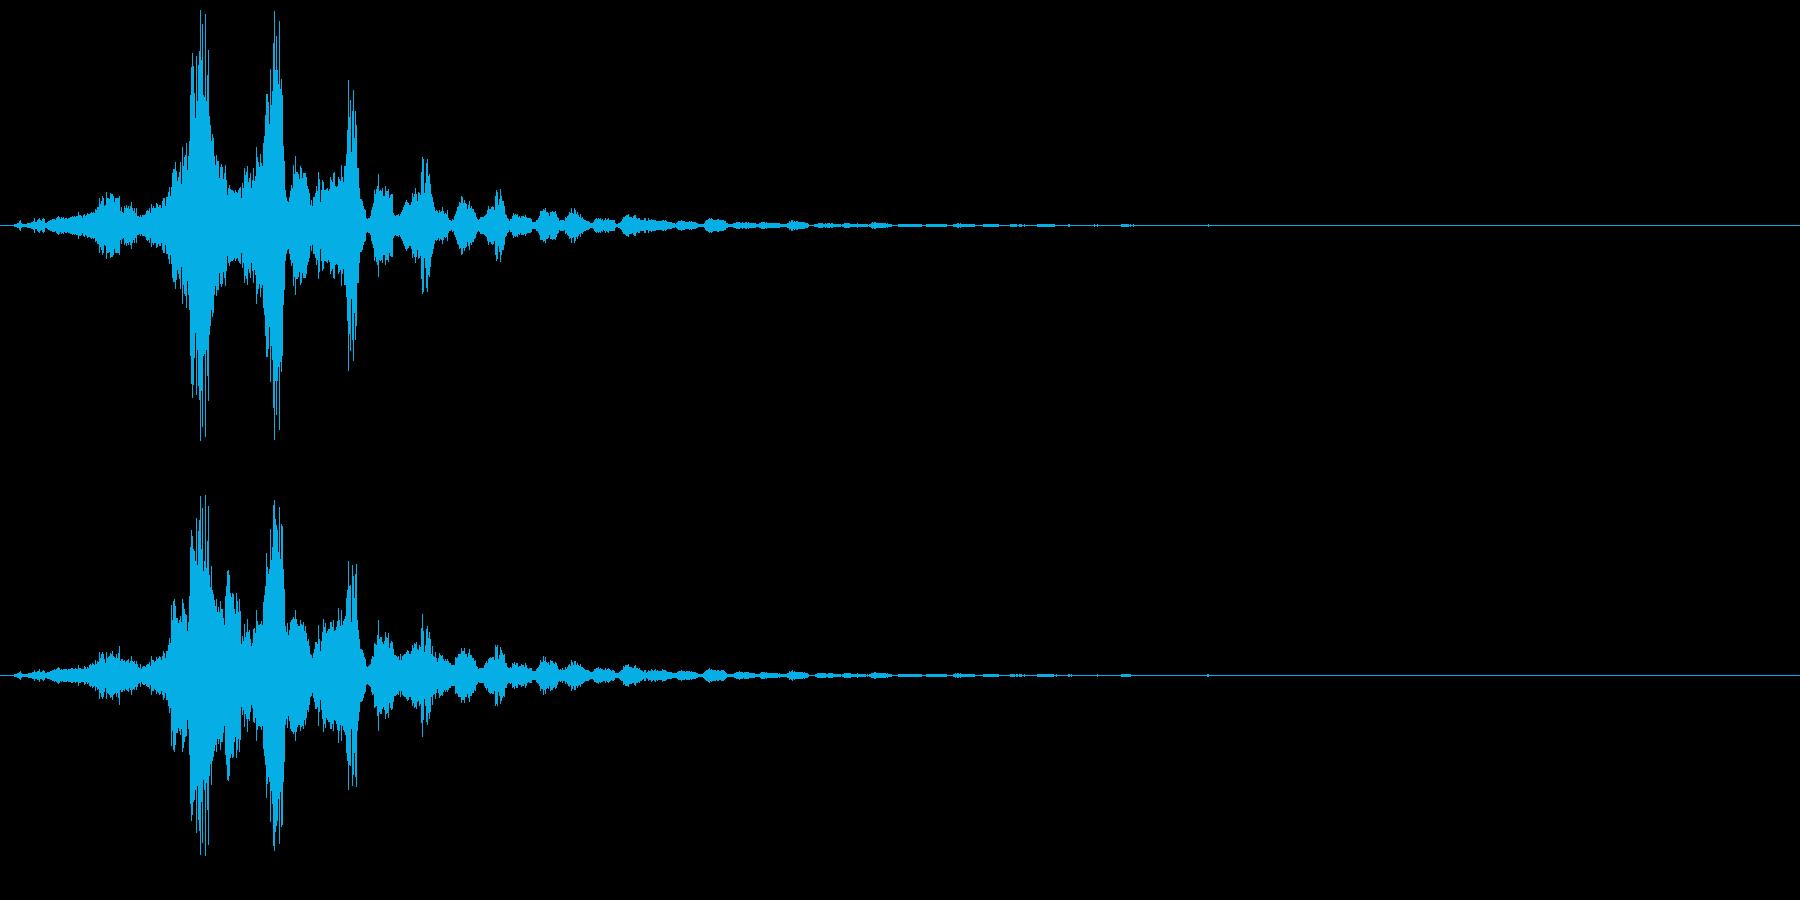 シュイッ+キラキラ(キラキラ系、魔法)の再生済みの波形